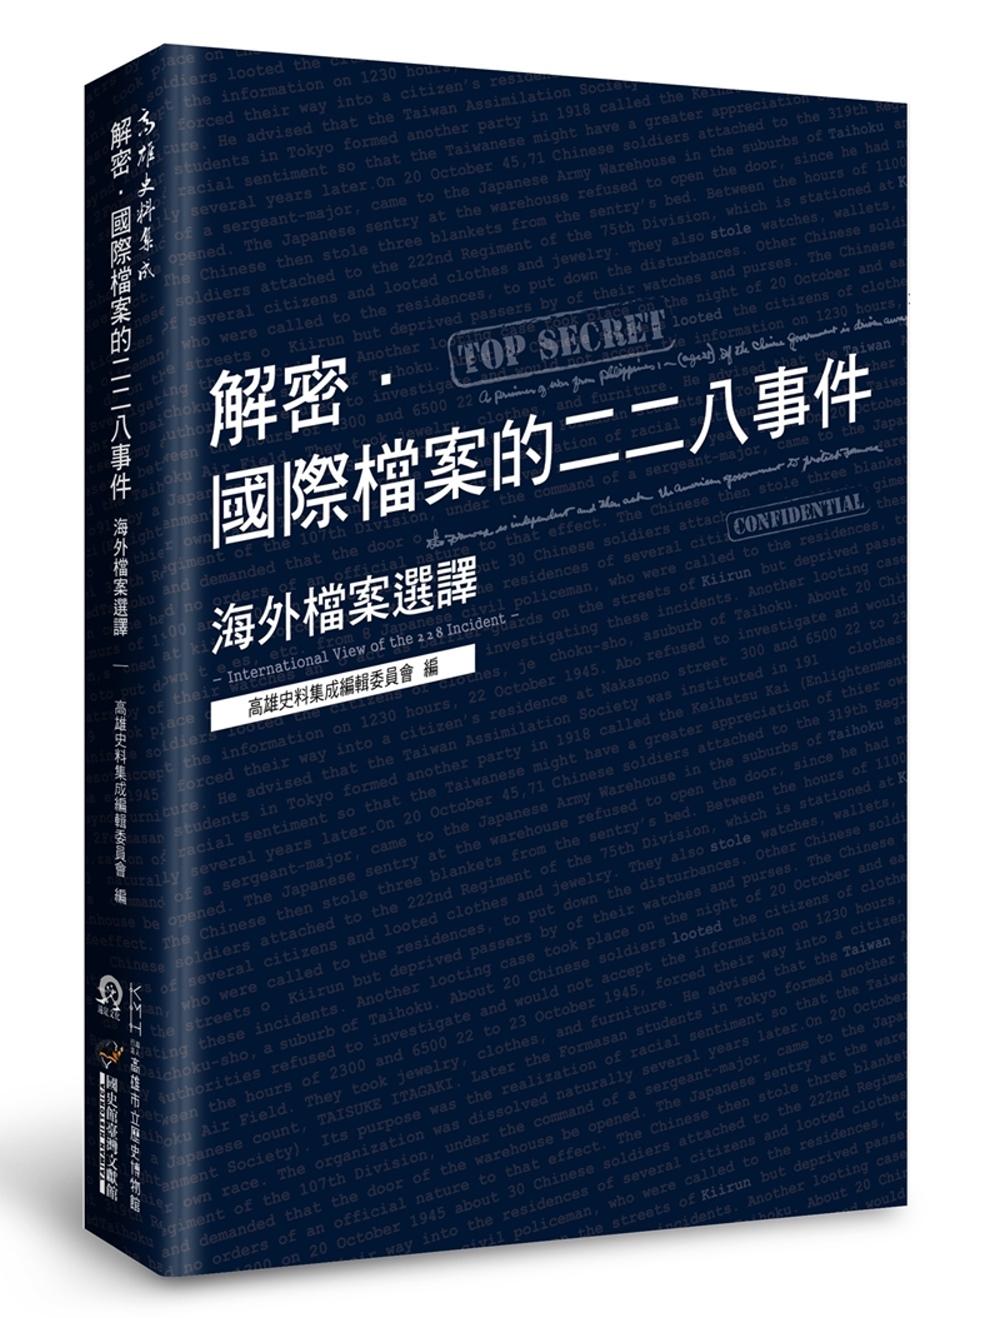 《解密.國際檔案的二二八事件:海外檔案選譯》 商品條碼,ISBN:9789578630222